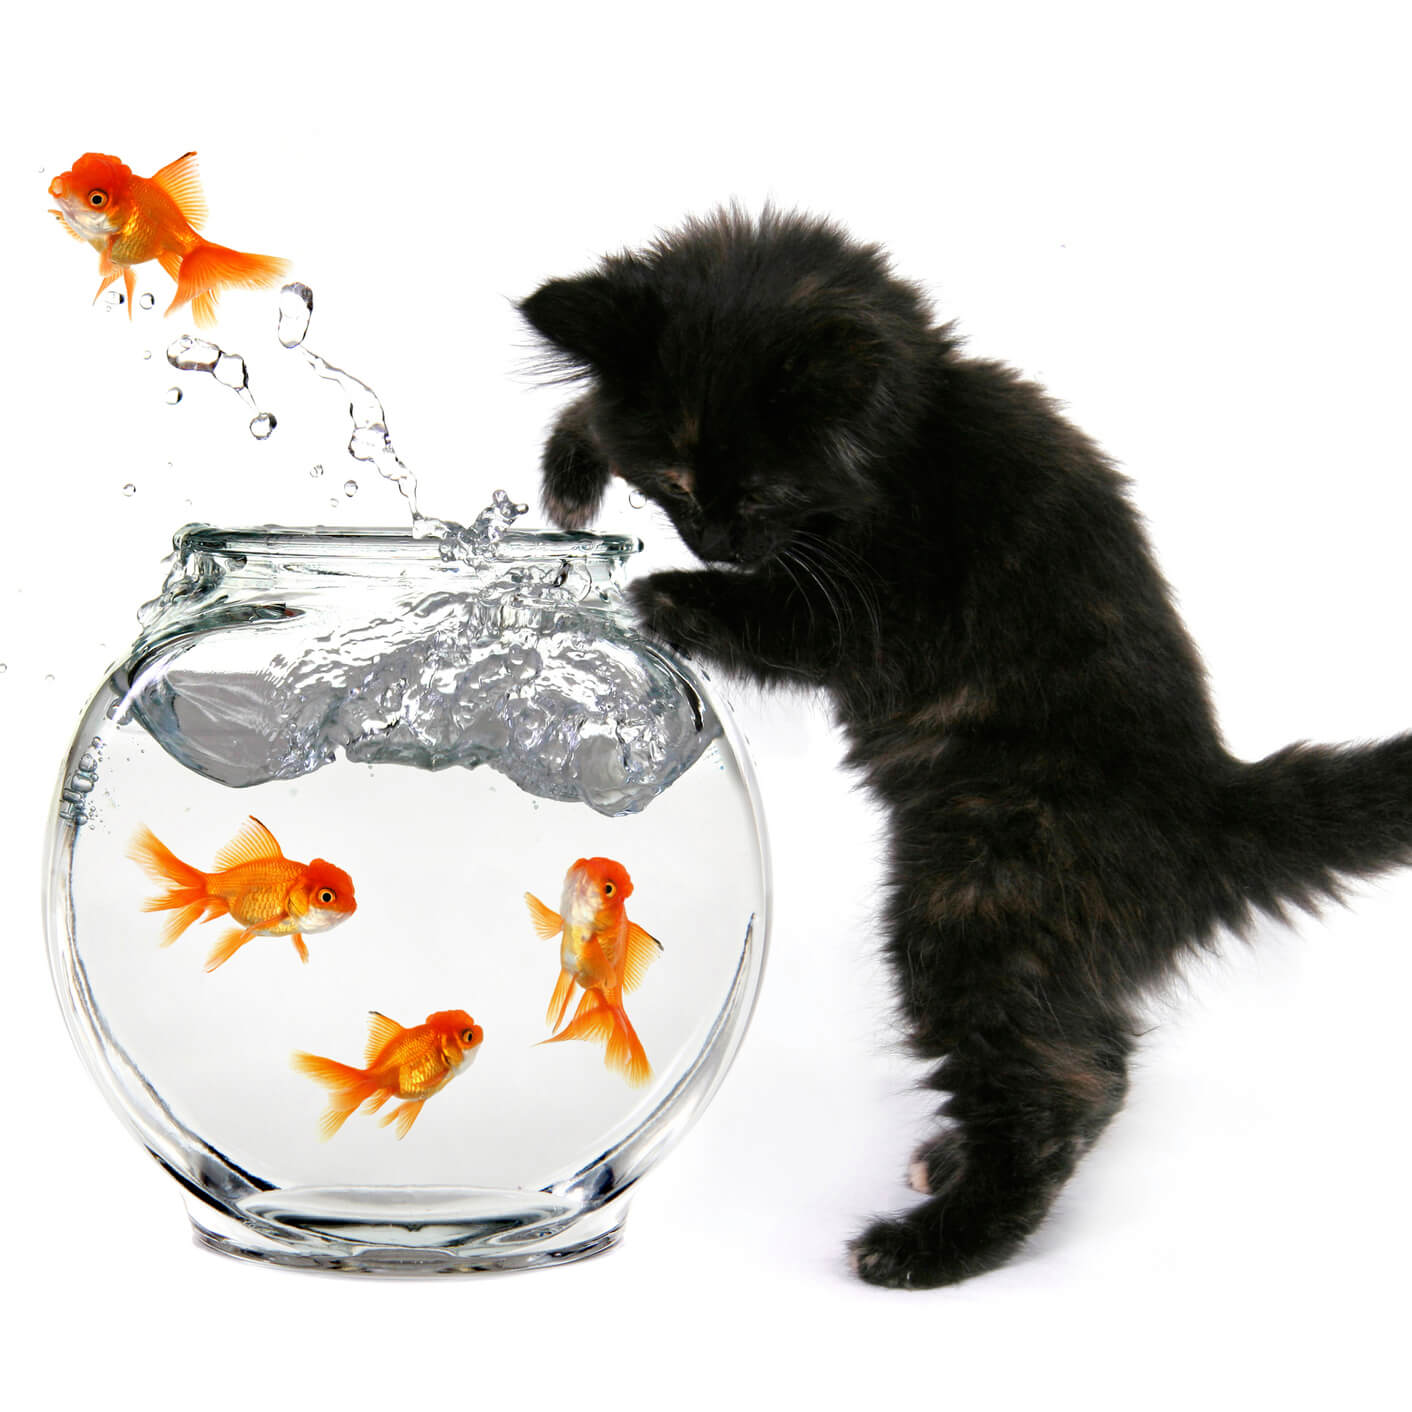 1-funny-kittens.jpg